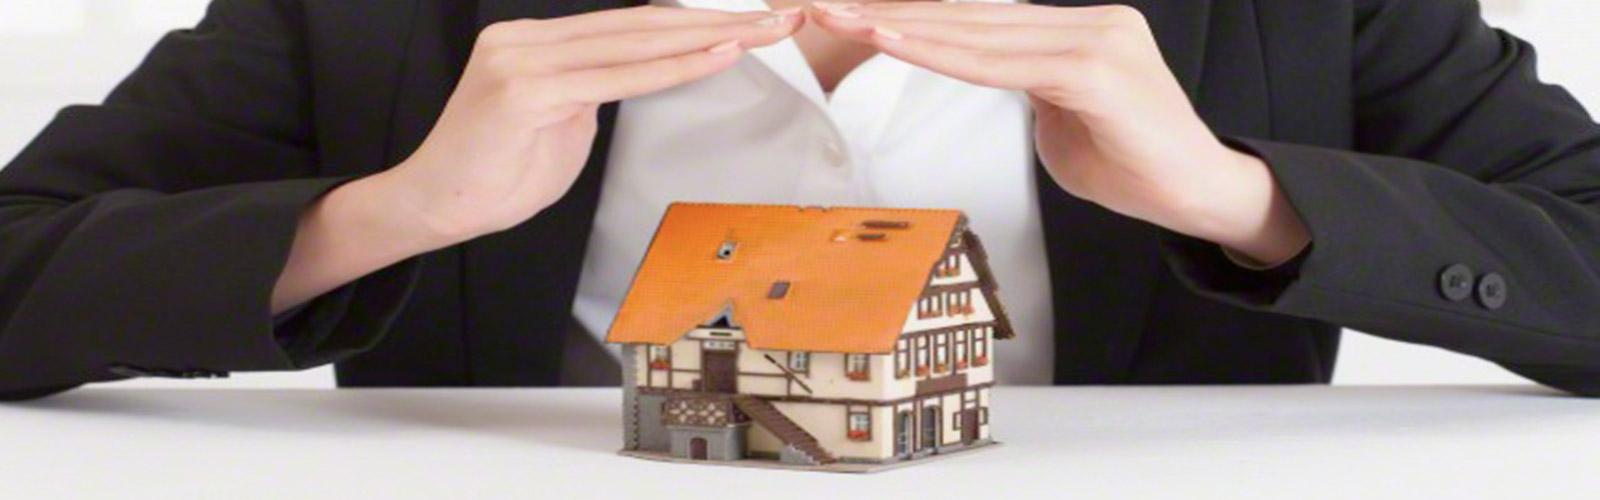 El buen samaritano y el poseedor precario: desalojo por precario a los familiares